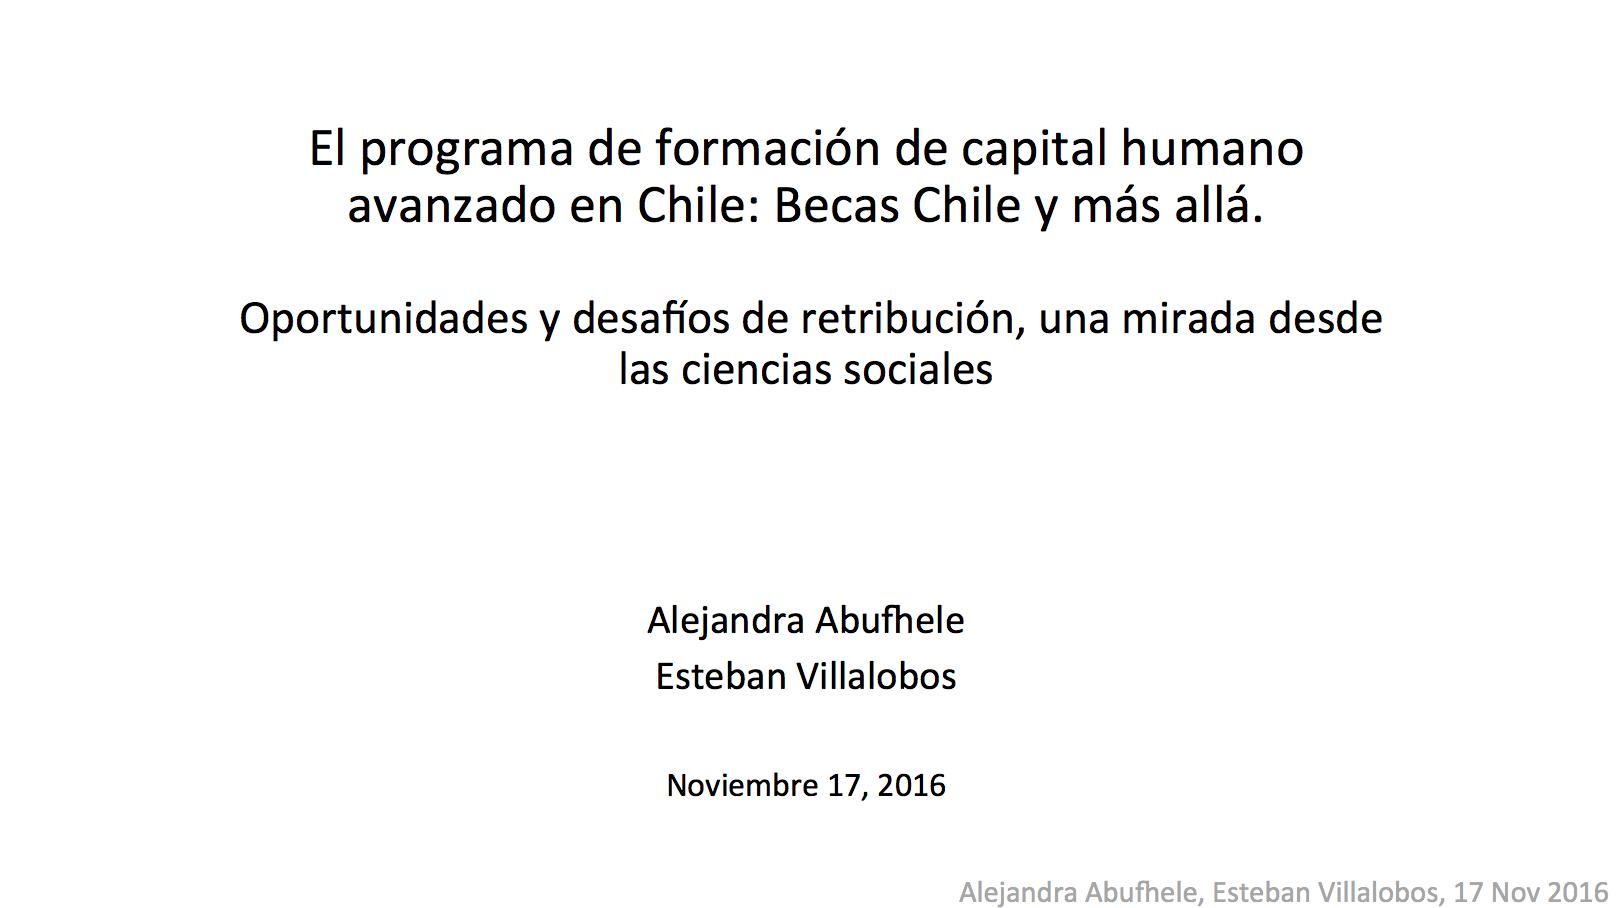 El Programa de Formación de Capital Humano Avanzado en Chile: Becas Chile y más allá. Oportunidades y Desafíos de Retribución, una Mirada desde las Ciencias Sociales.